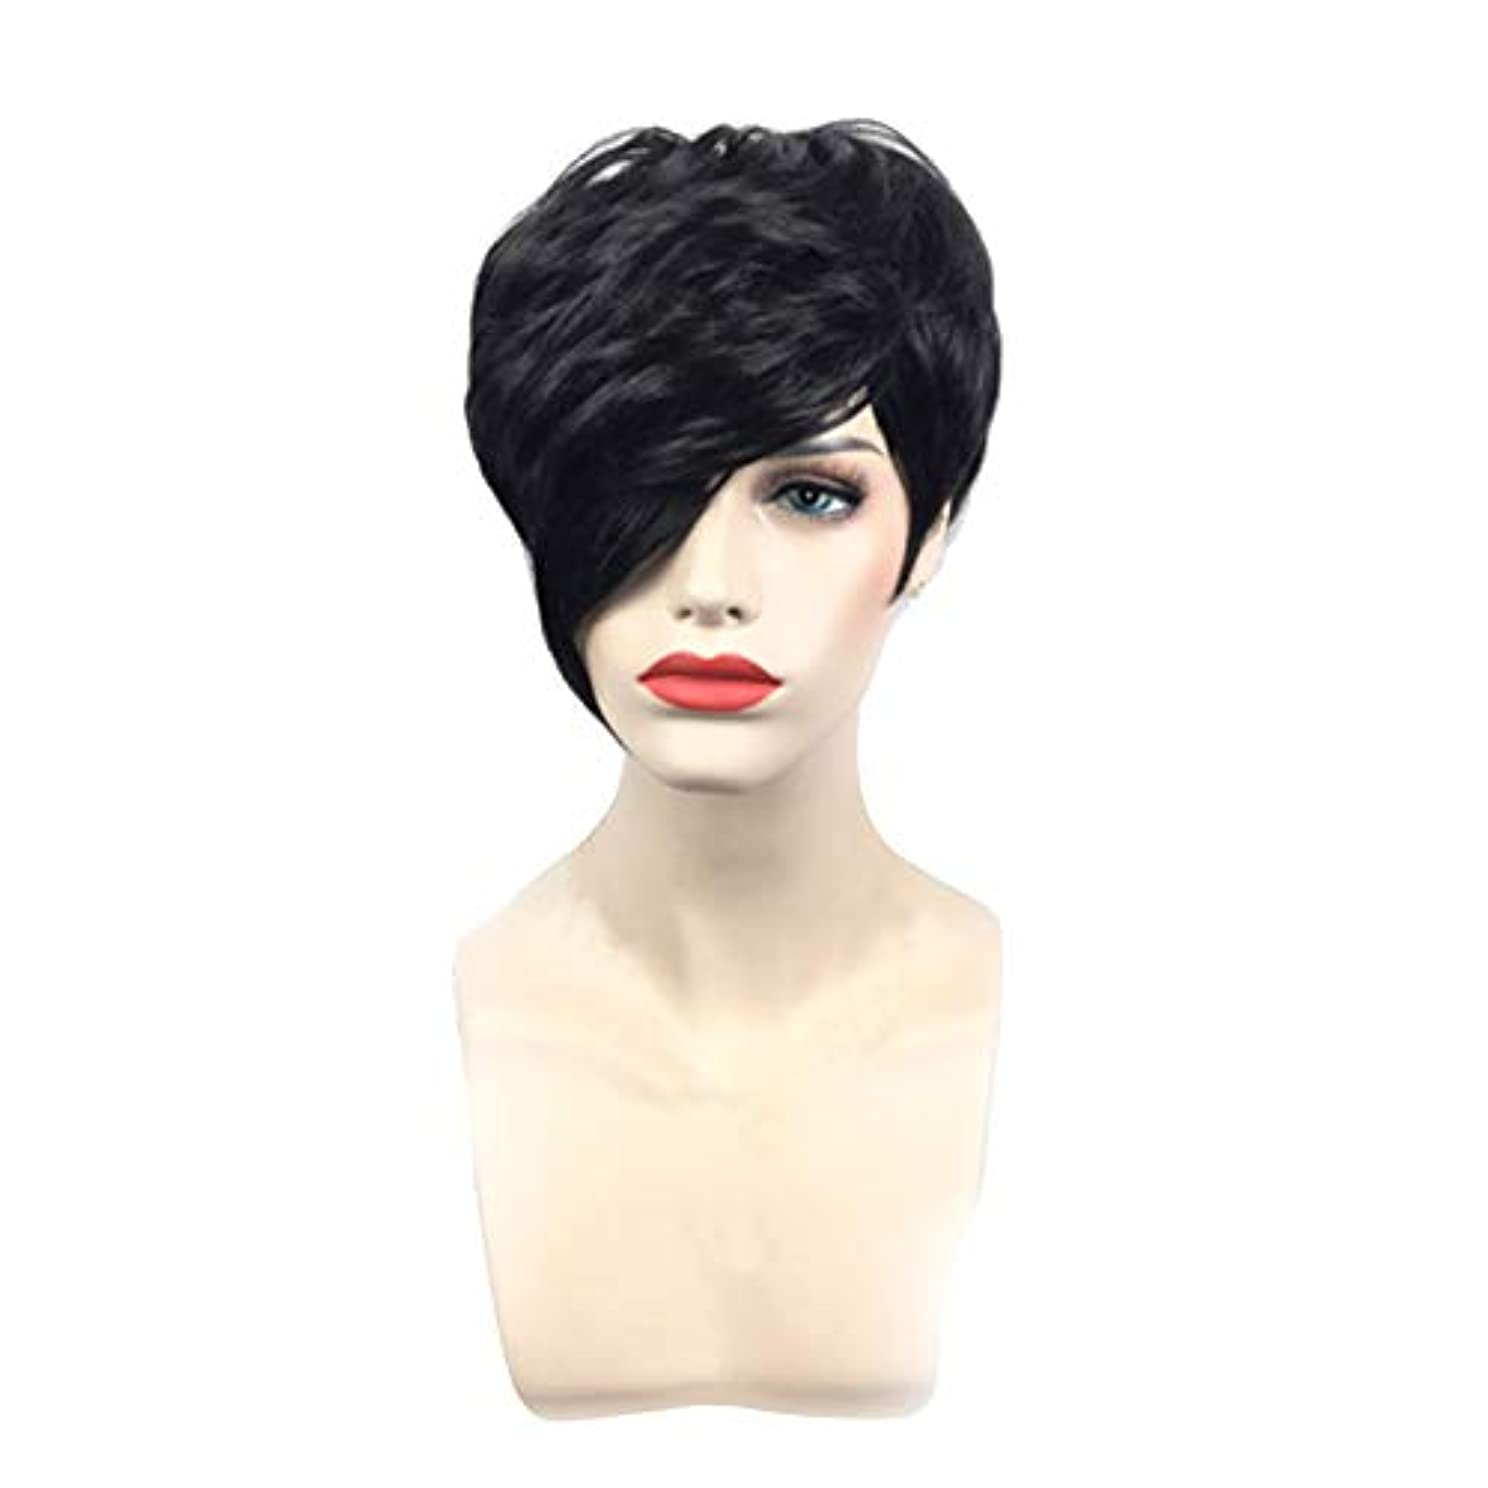 チャペル懸念マスタード黒の短いストレートヘアフルウィッグファッションコス小道具かつら